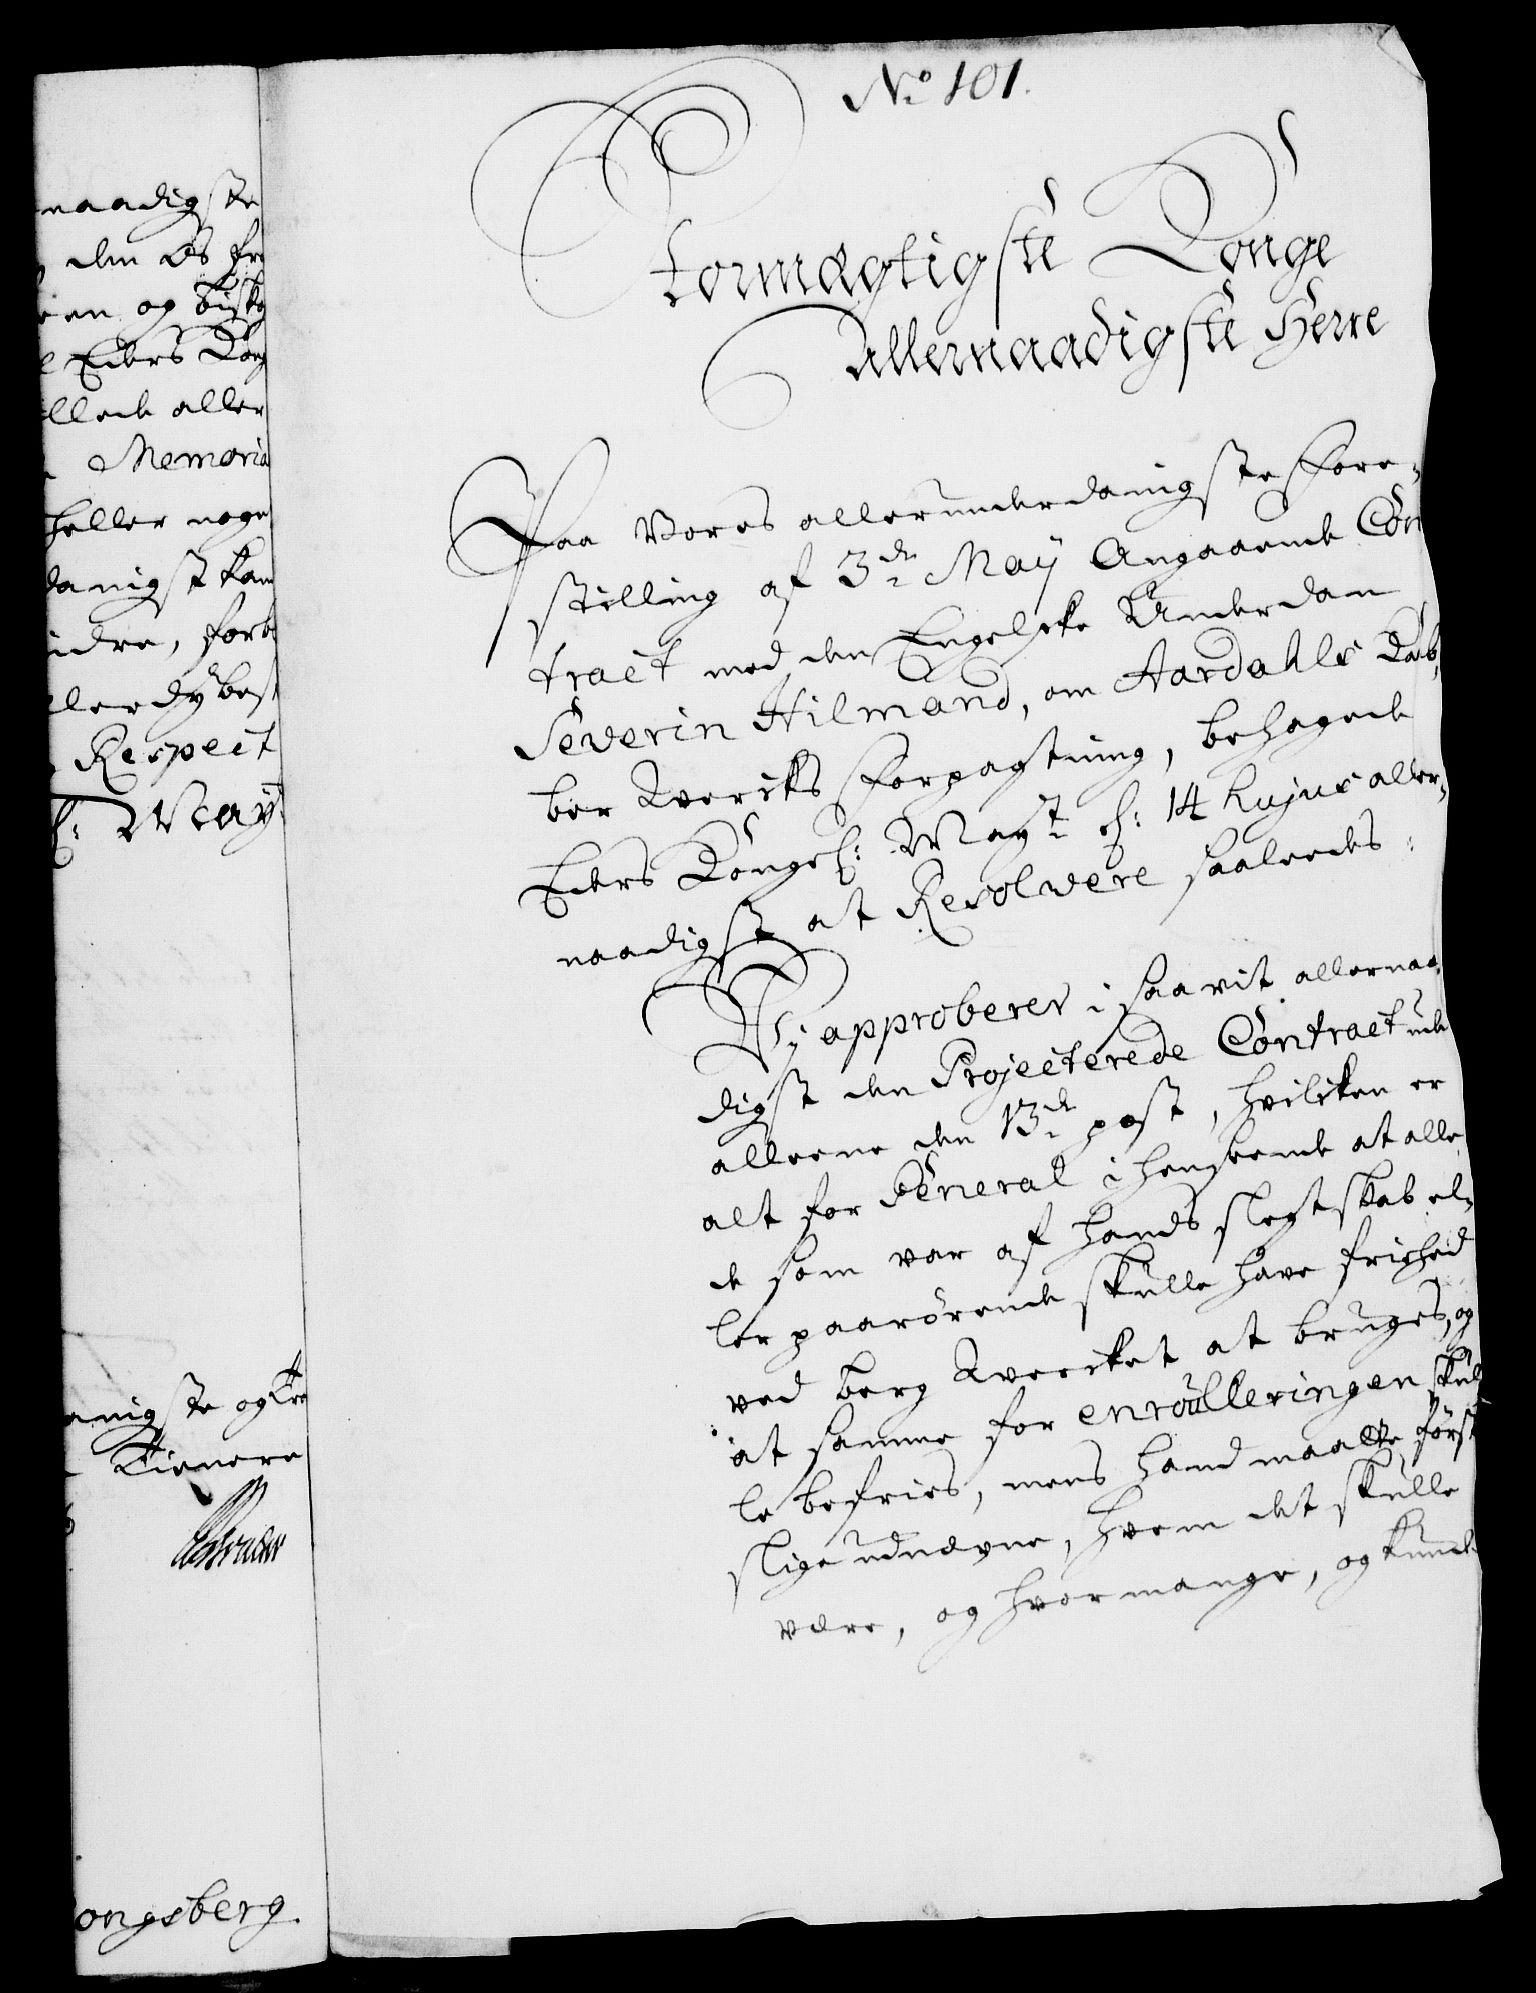 RA, Rentekammeret, Kammerkanselliet, G/Gf/Gfa/L0006: Norsk relasjons- og resolusjonsprotokoll (merket RK 52.6), 1723, s. 620